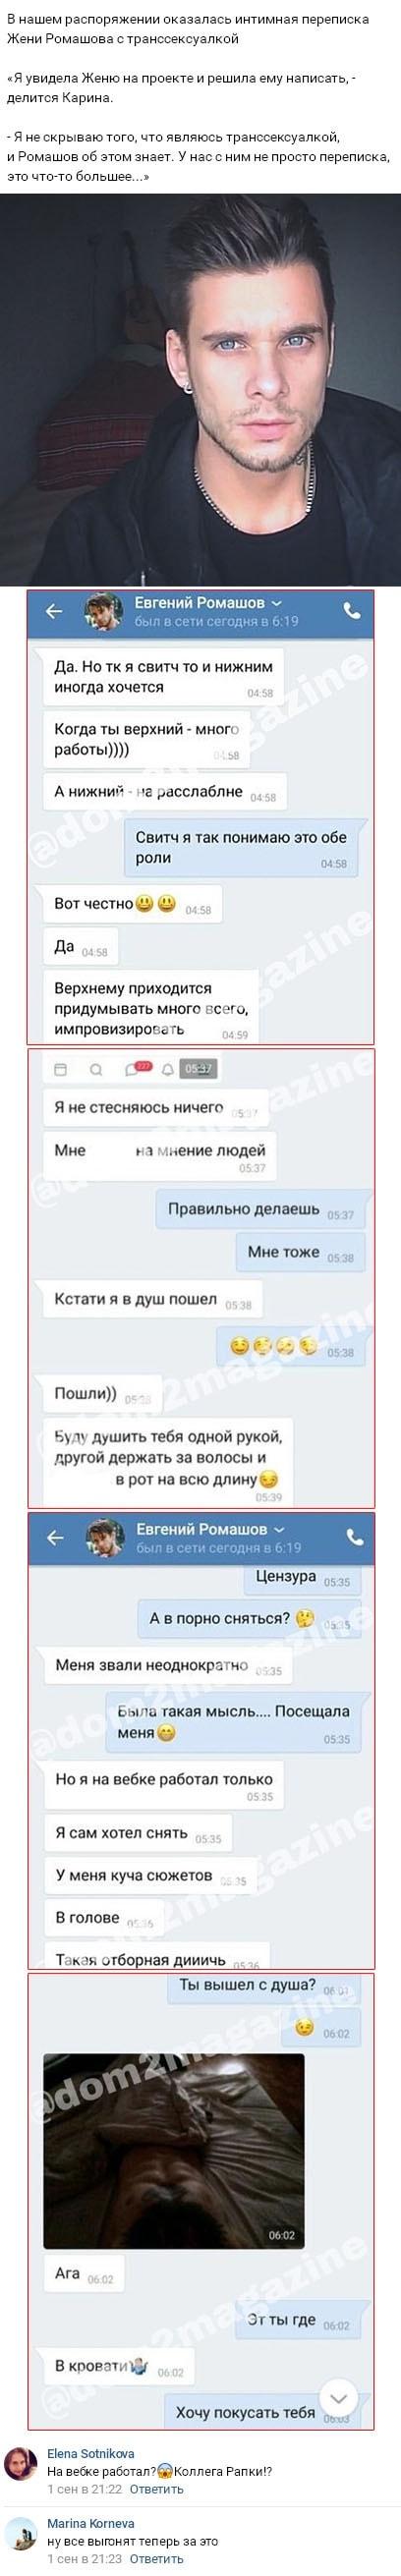 Вскрылась интимная извращенная переписка Евгения Ромашова